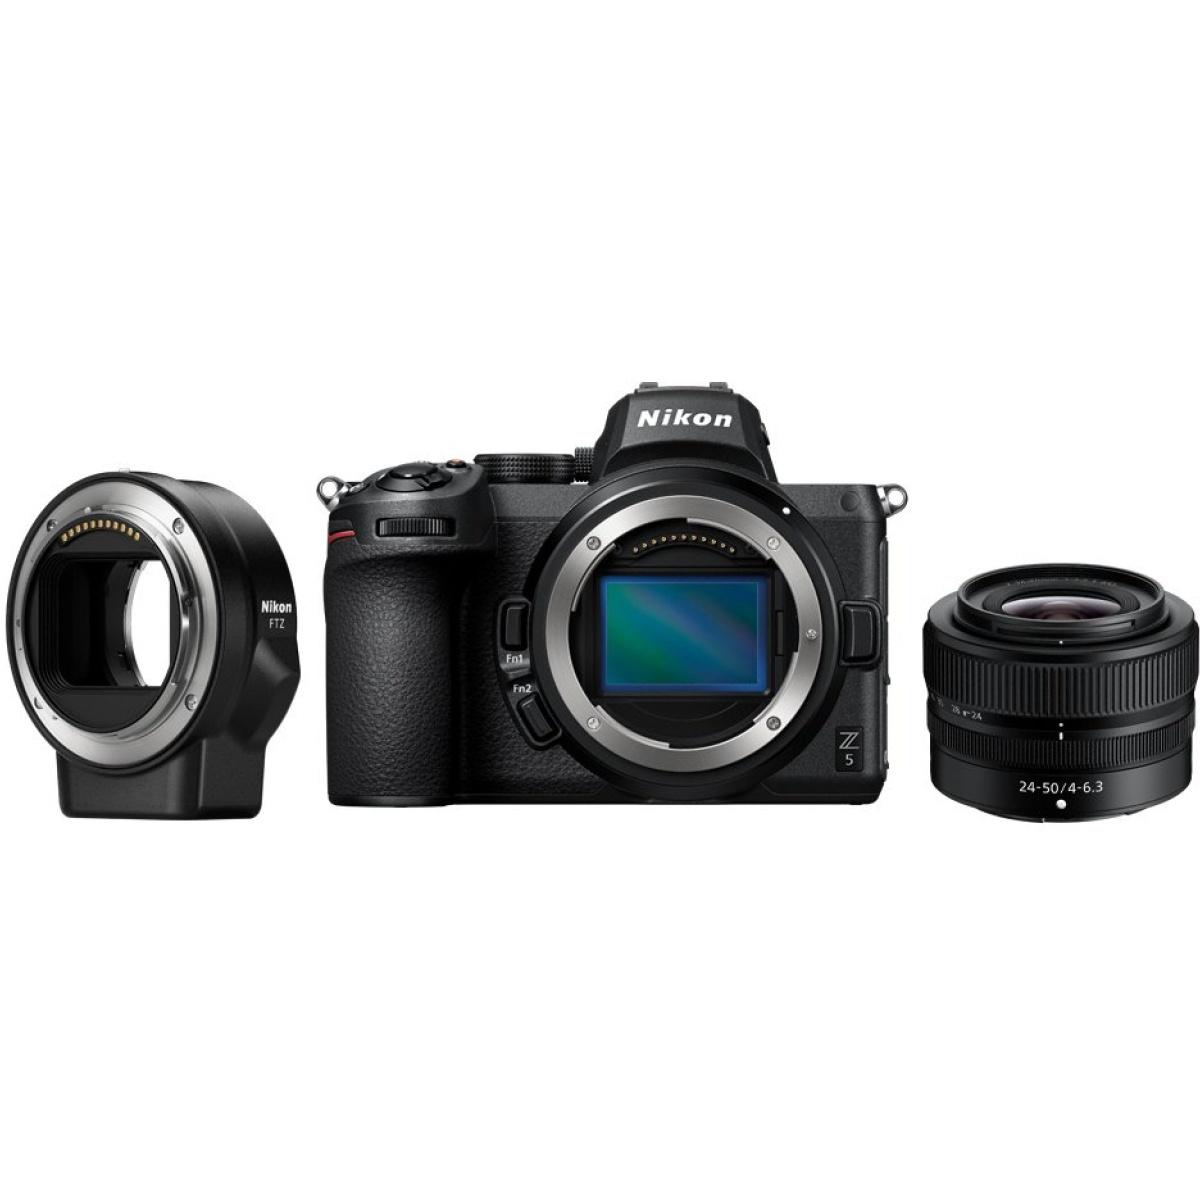 Nikon Z5 Kit mit 24-50 mm 1:4-6,3 + FTZ Adapter